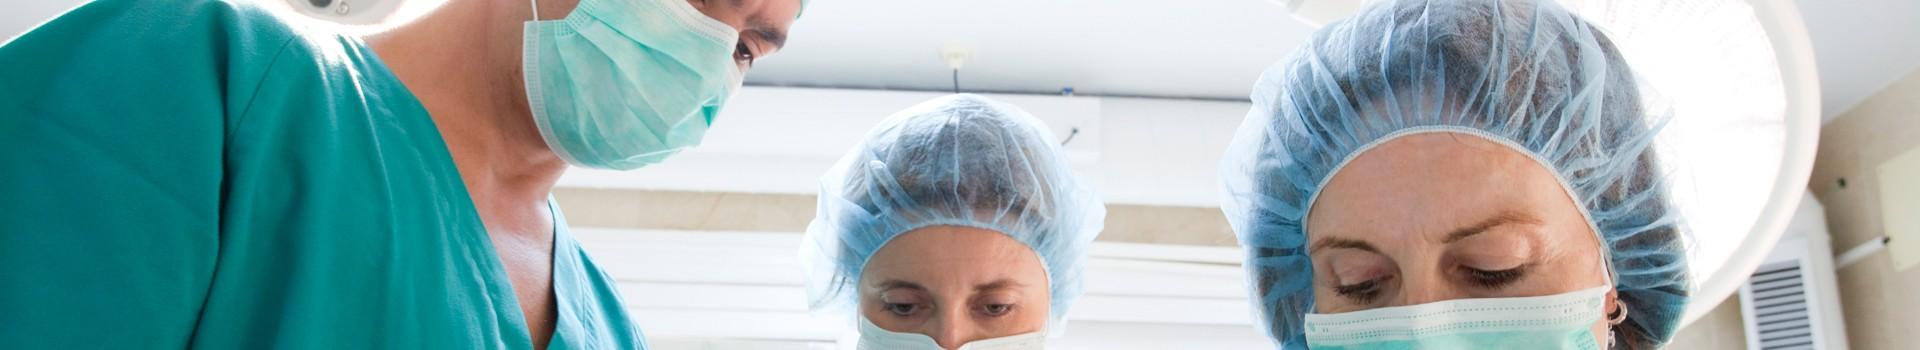 Cirugía Marbella